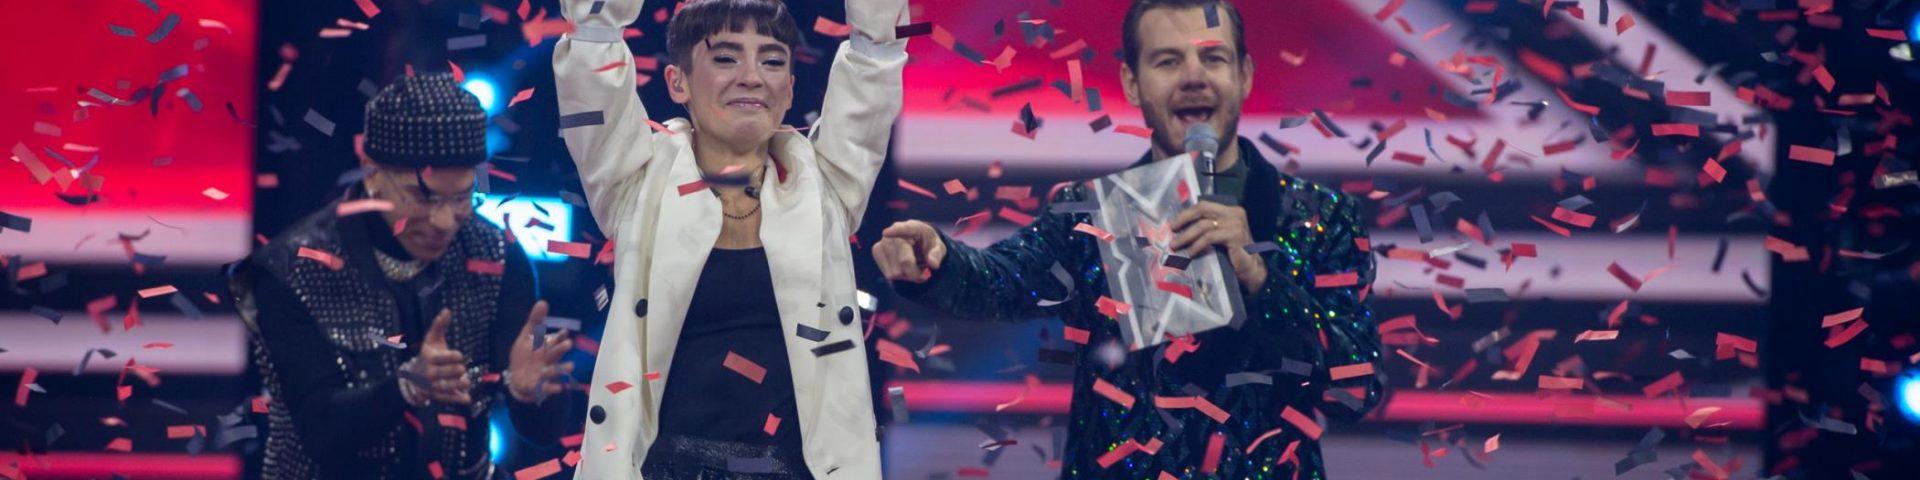 Chi è Sofia Tornambene, la vincitrice di X Factor 2019